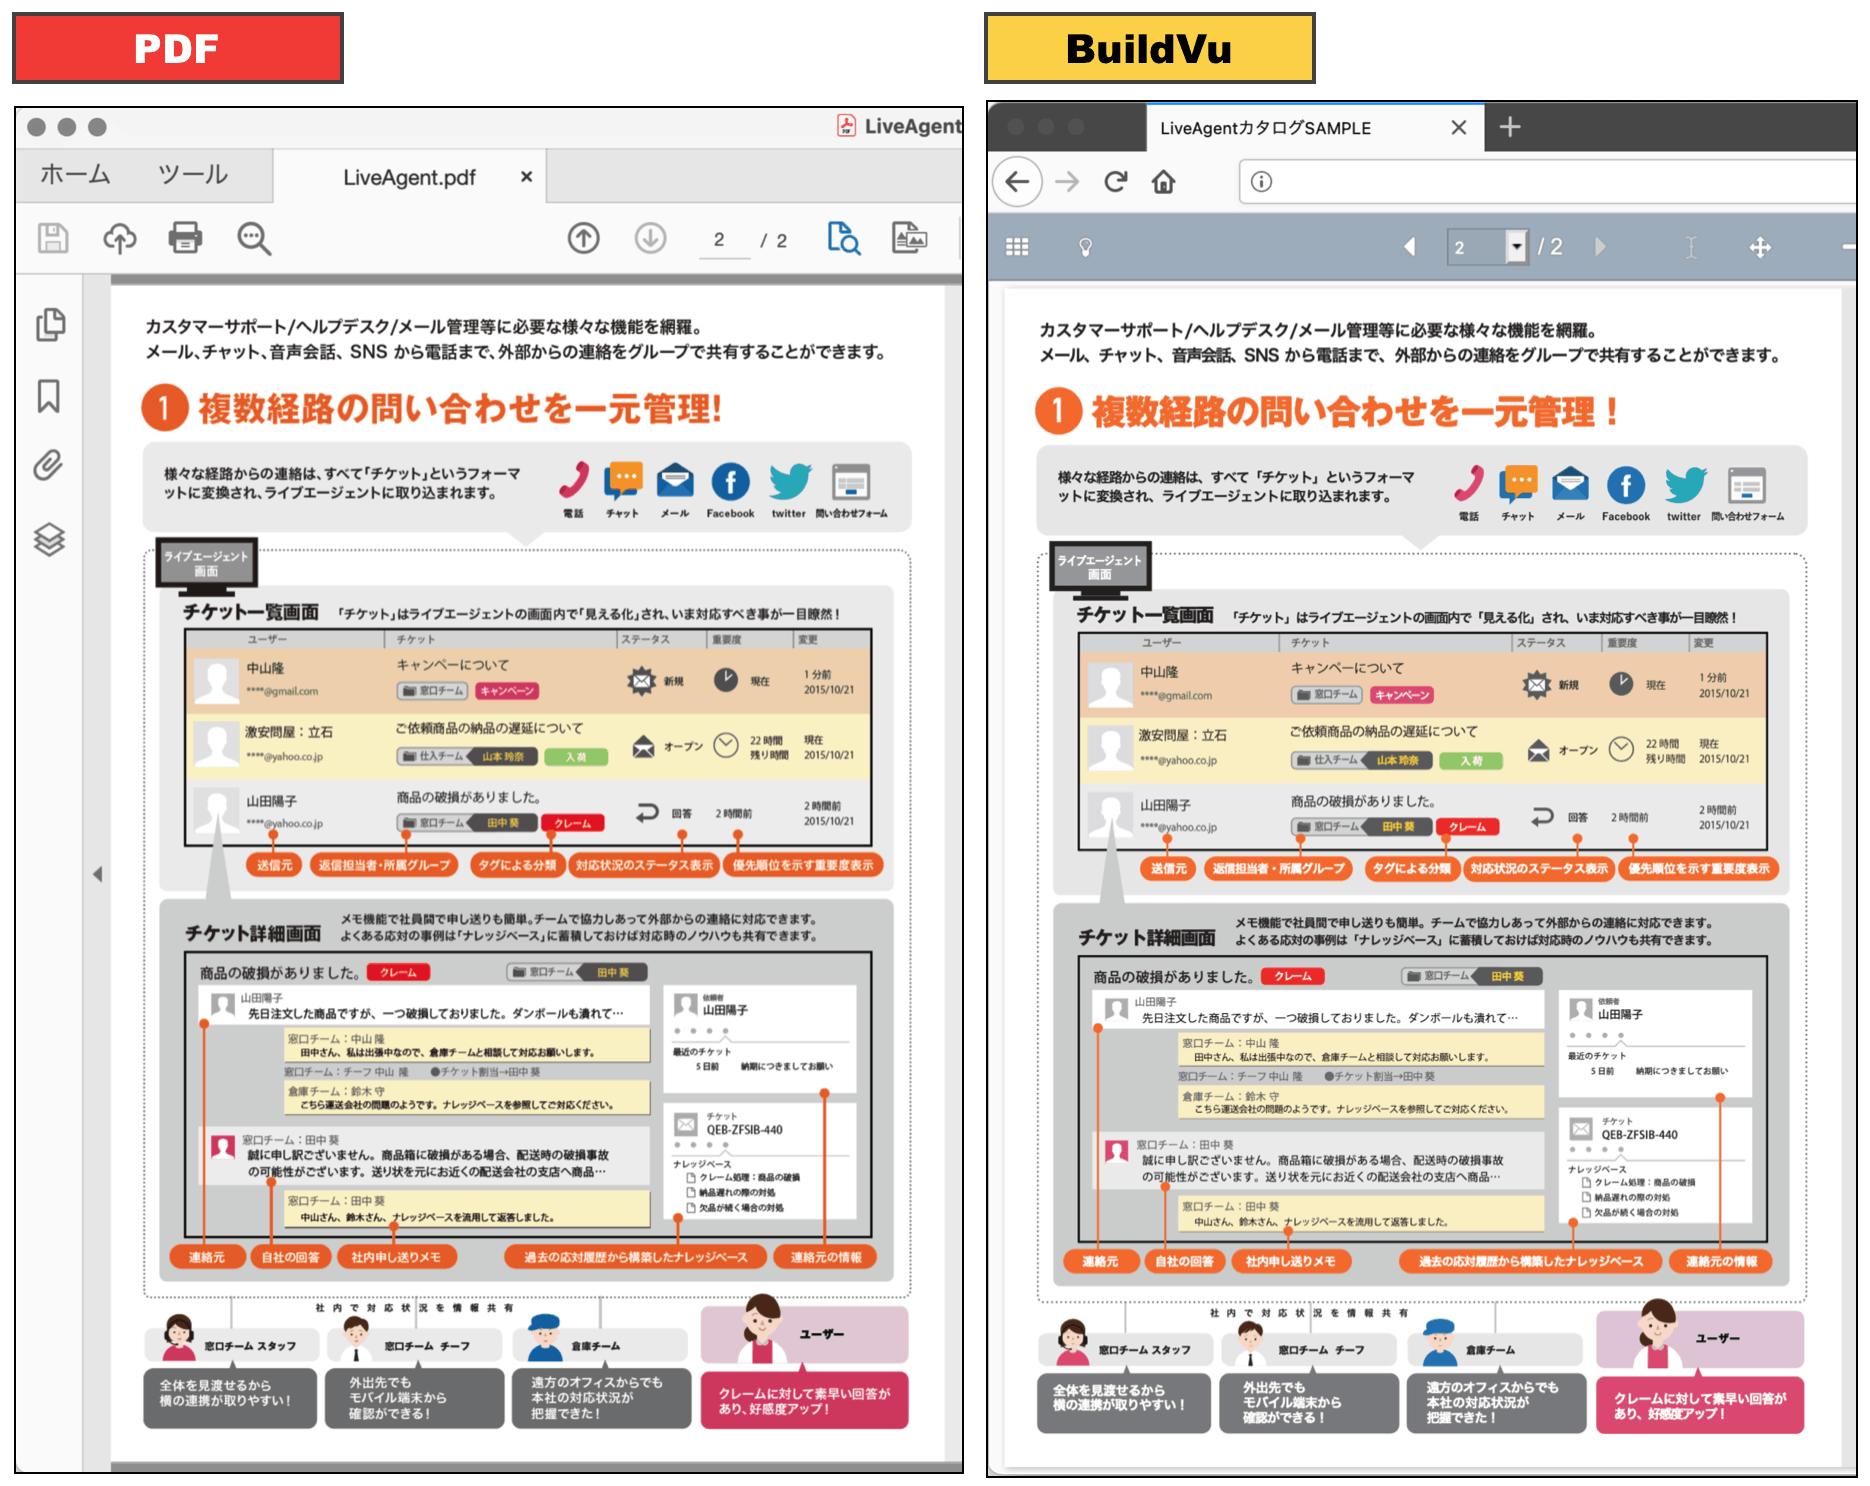 図(右)は、操作解説書をBuildBuで変換したもの、図(左)がオリジナルのPDF版です。